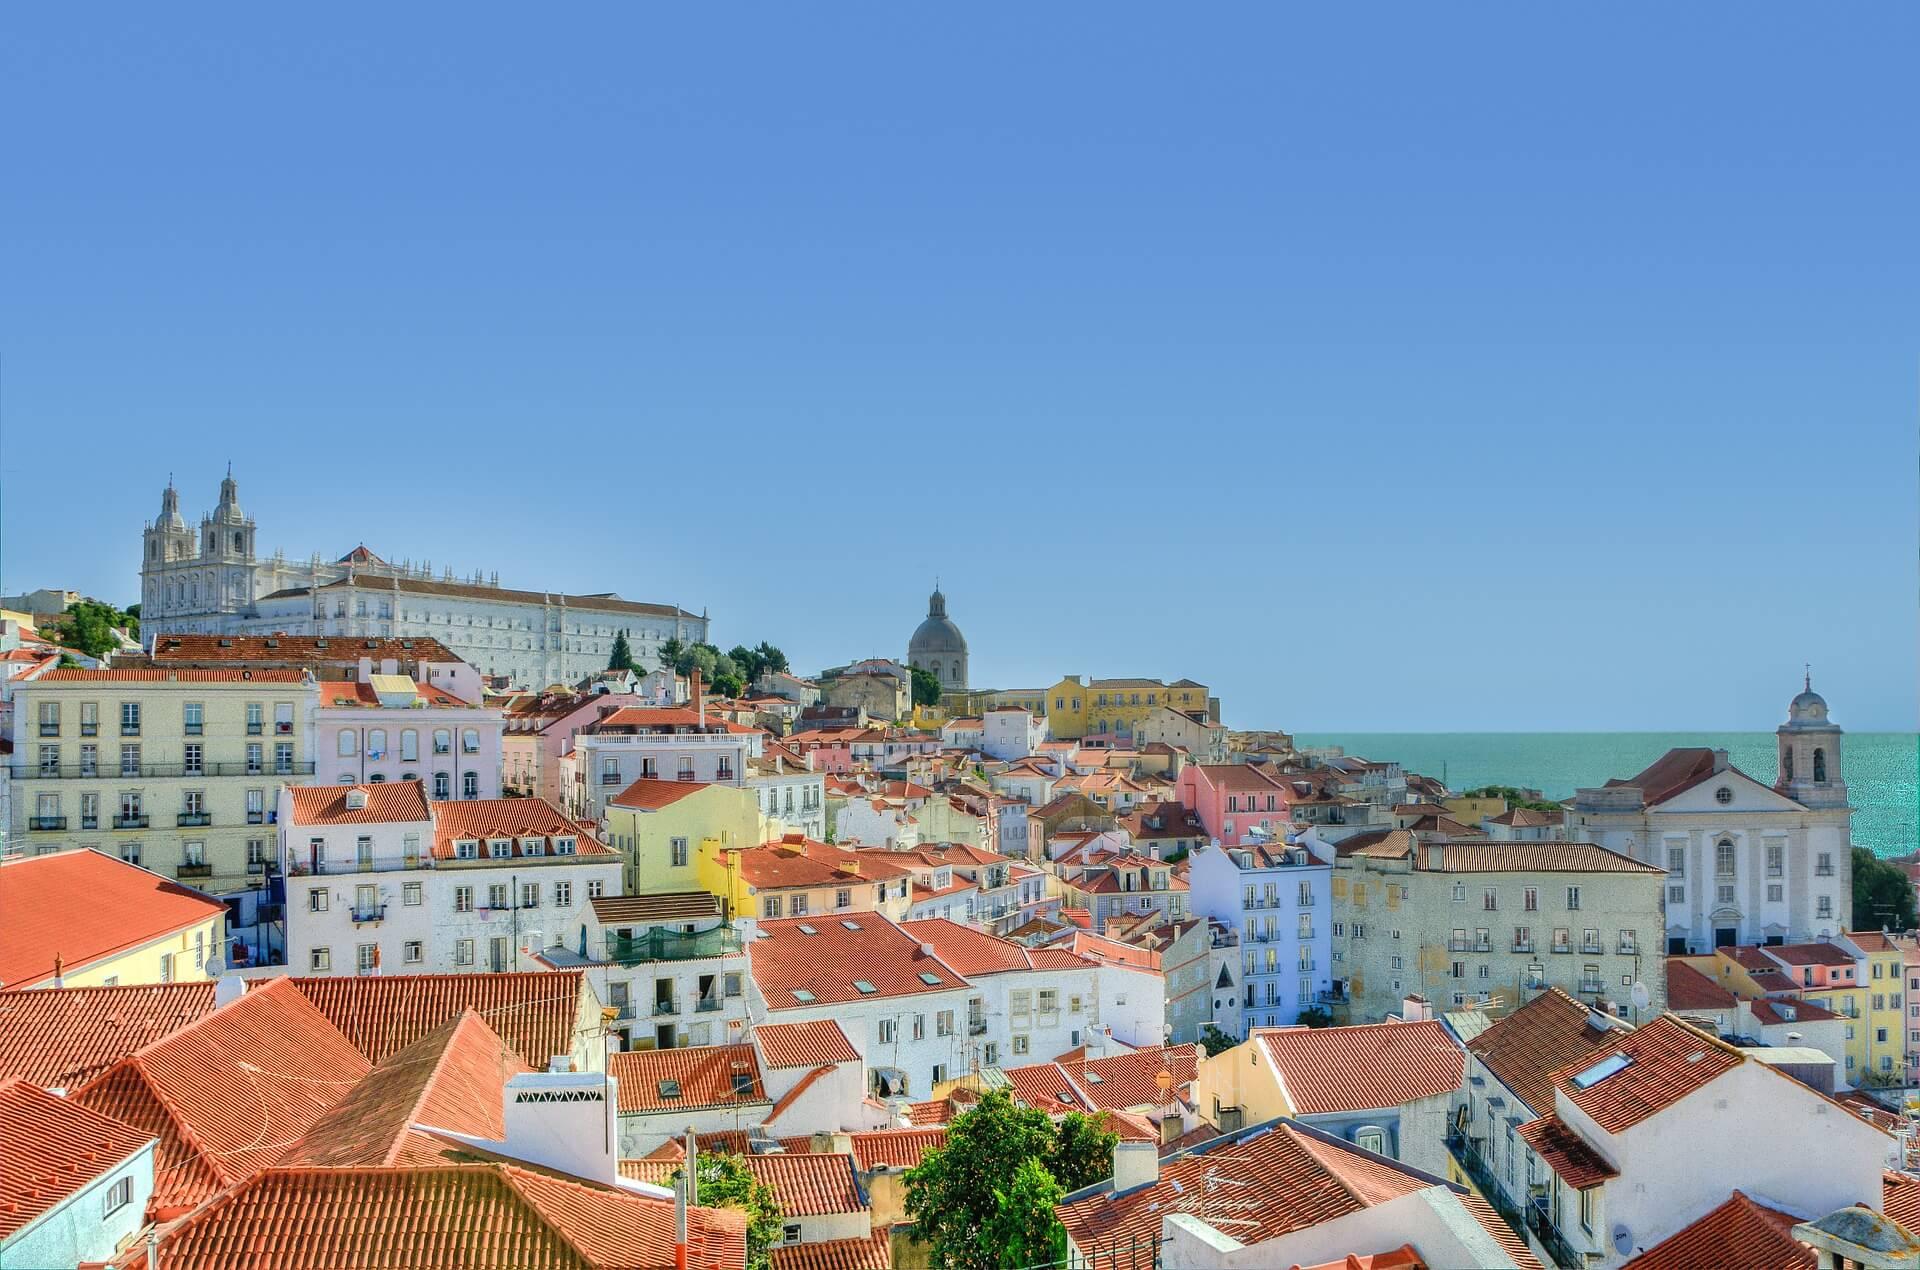 Direktflüge und Billigflüge ab Stuttgart nach Lissabon